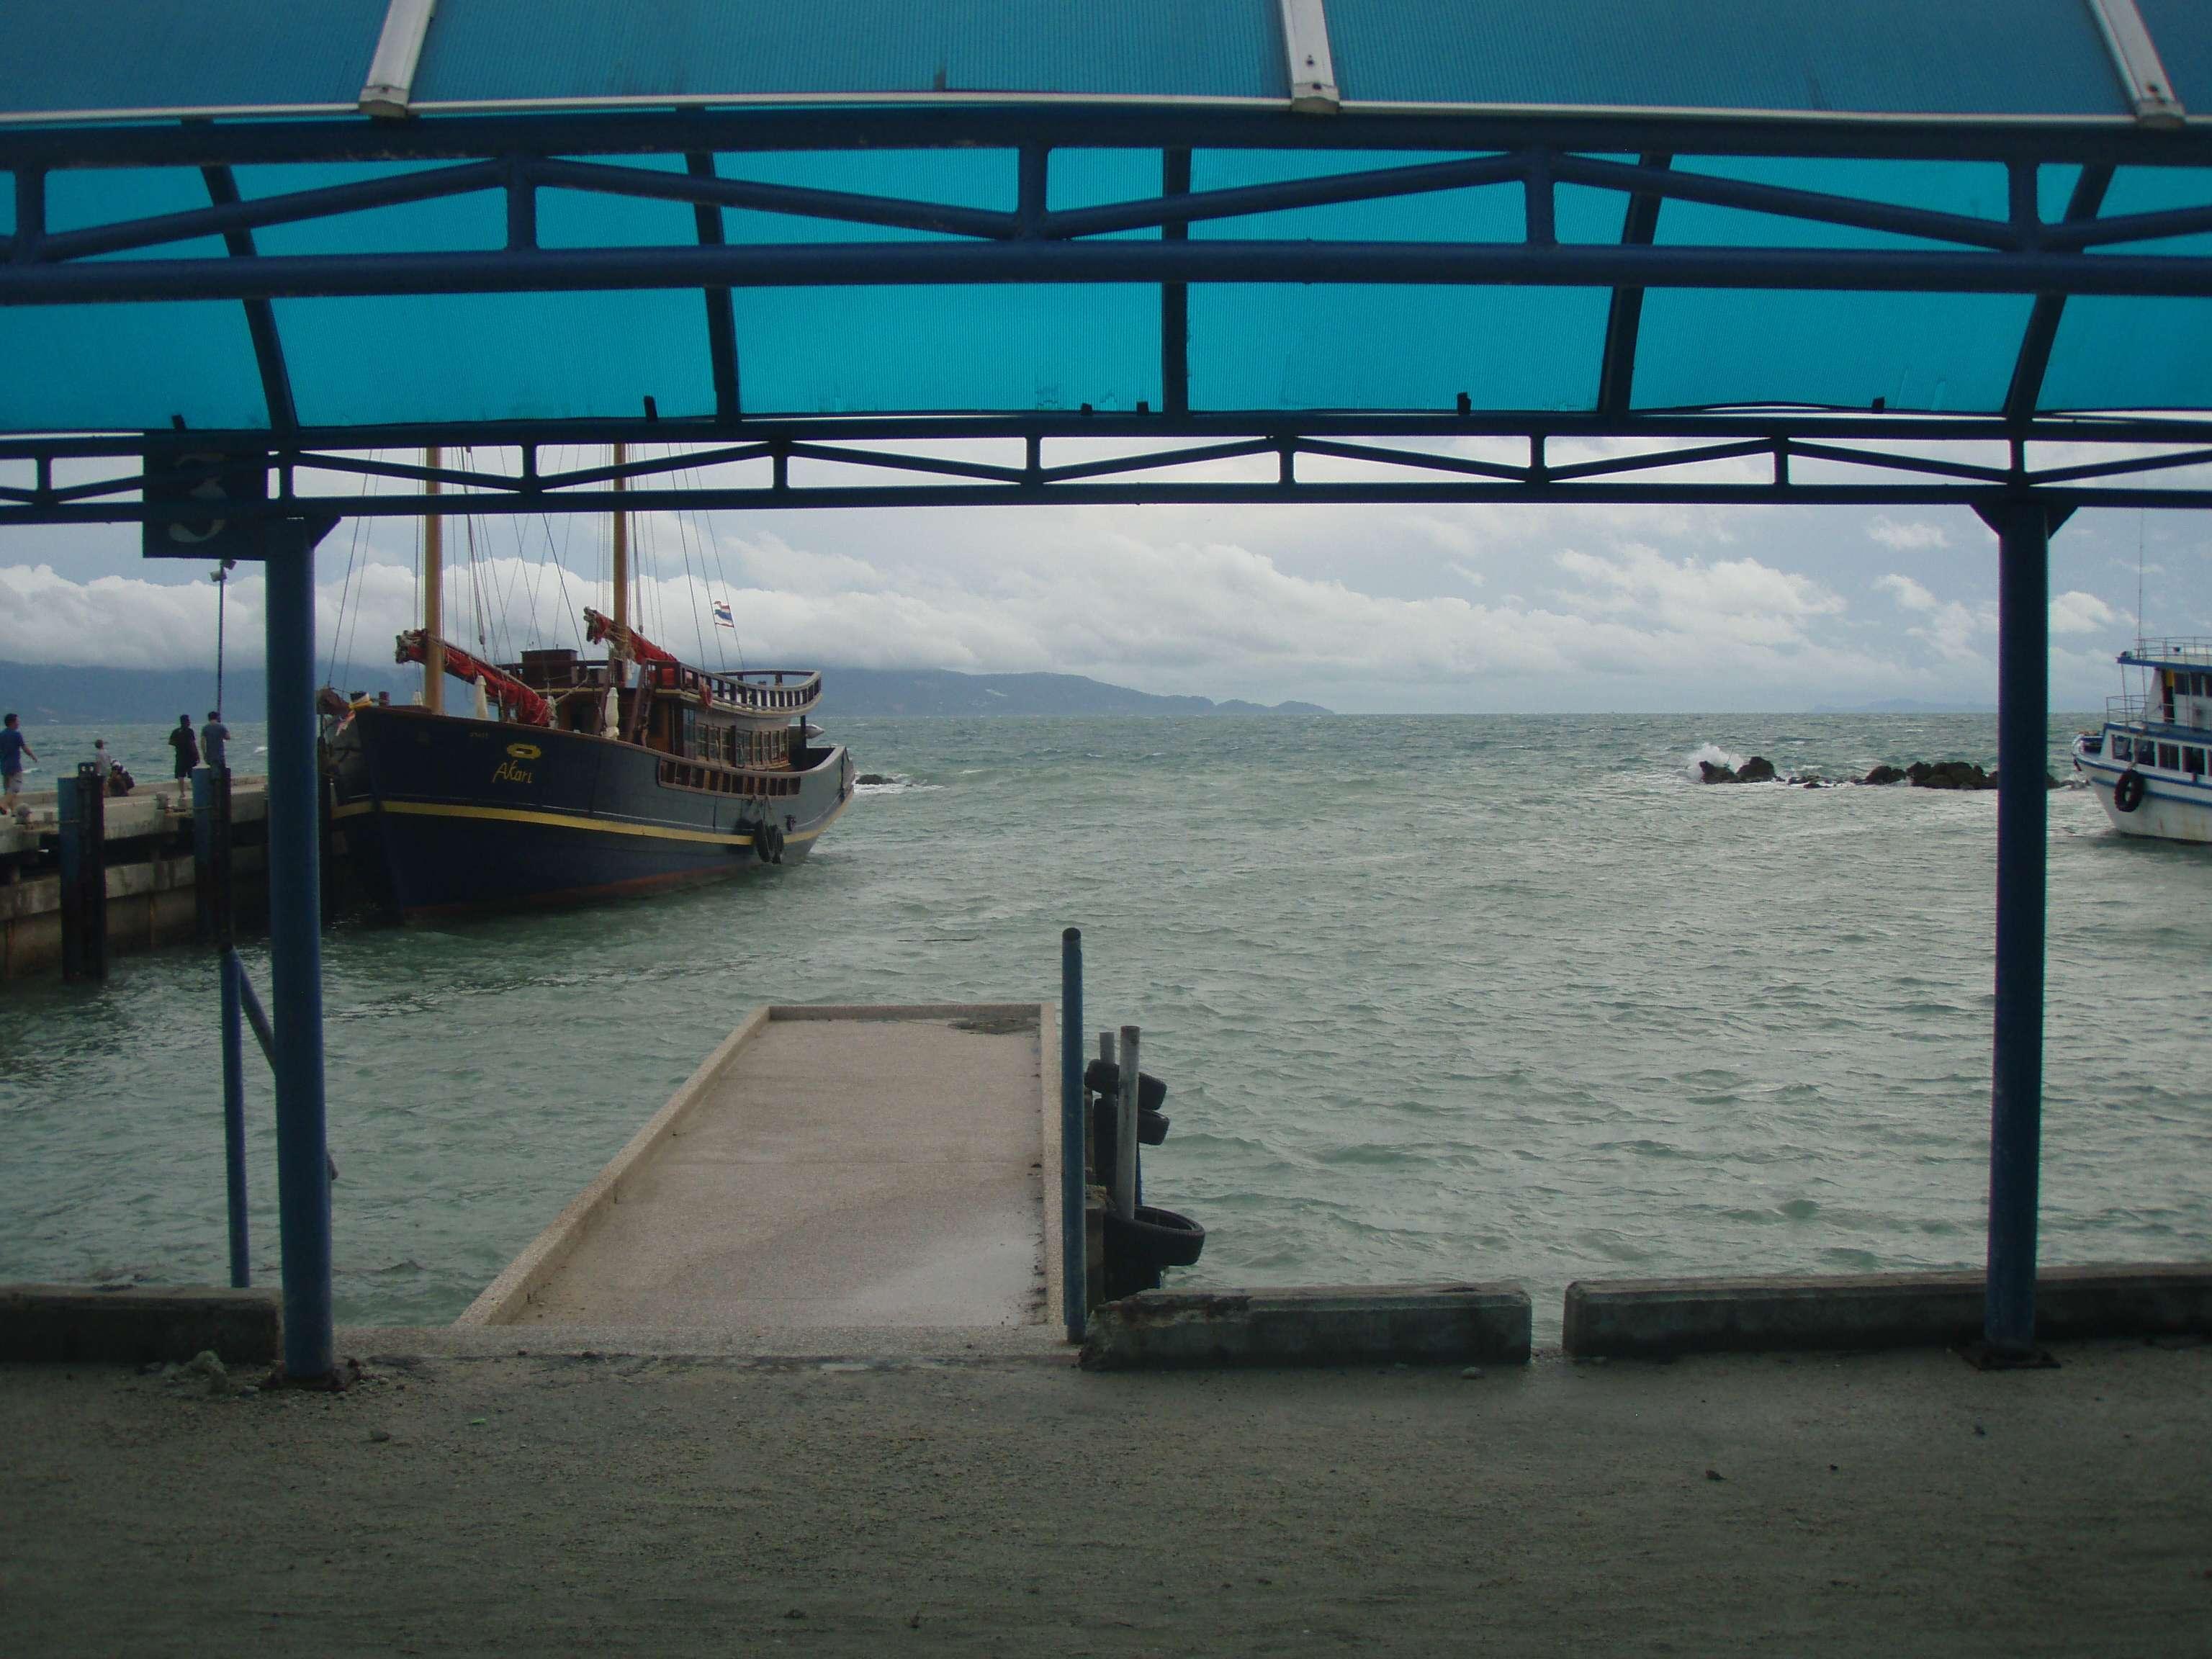 und das der Ausblick vom zweiten Boot